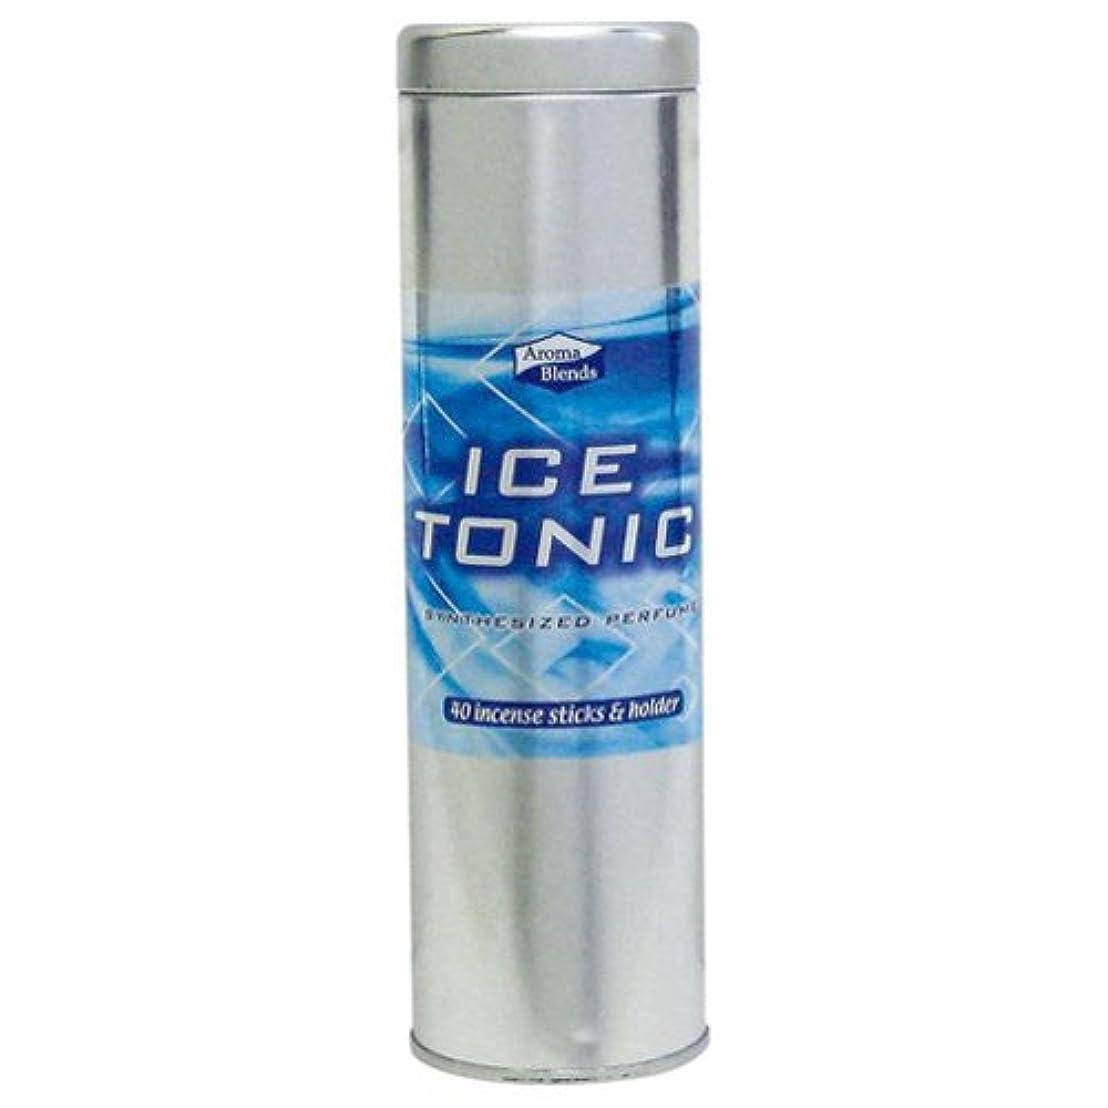 関与するアプト不機嫌そうなAB-CIS-3 シンセサイズドパフューム アロマブレンド 缶インセンススティックセット 6個セット アイストニック